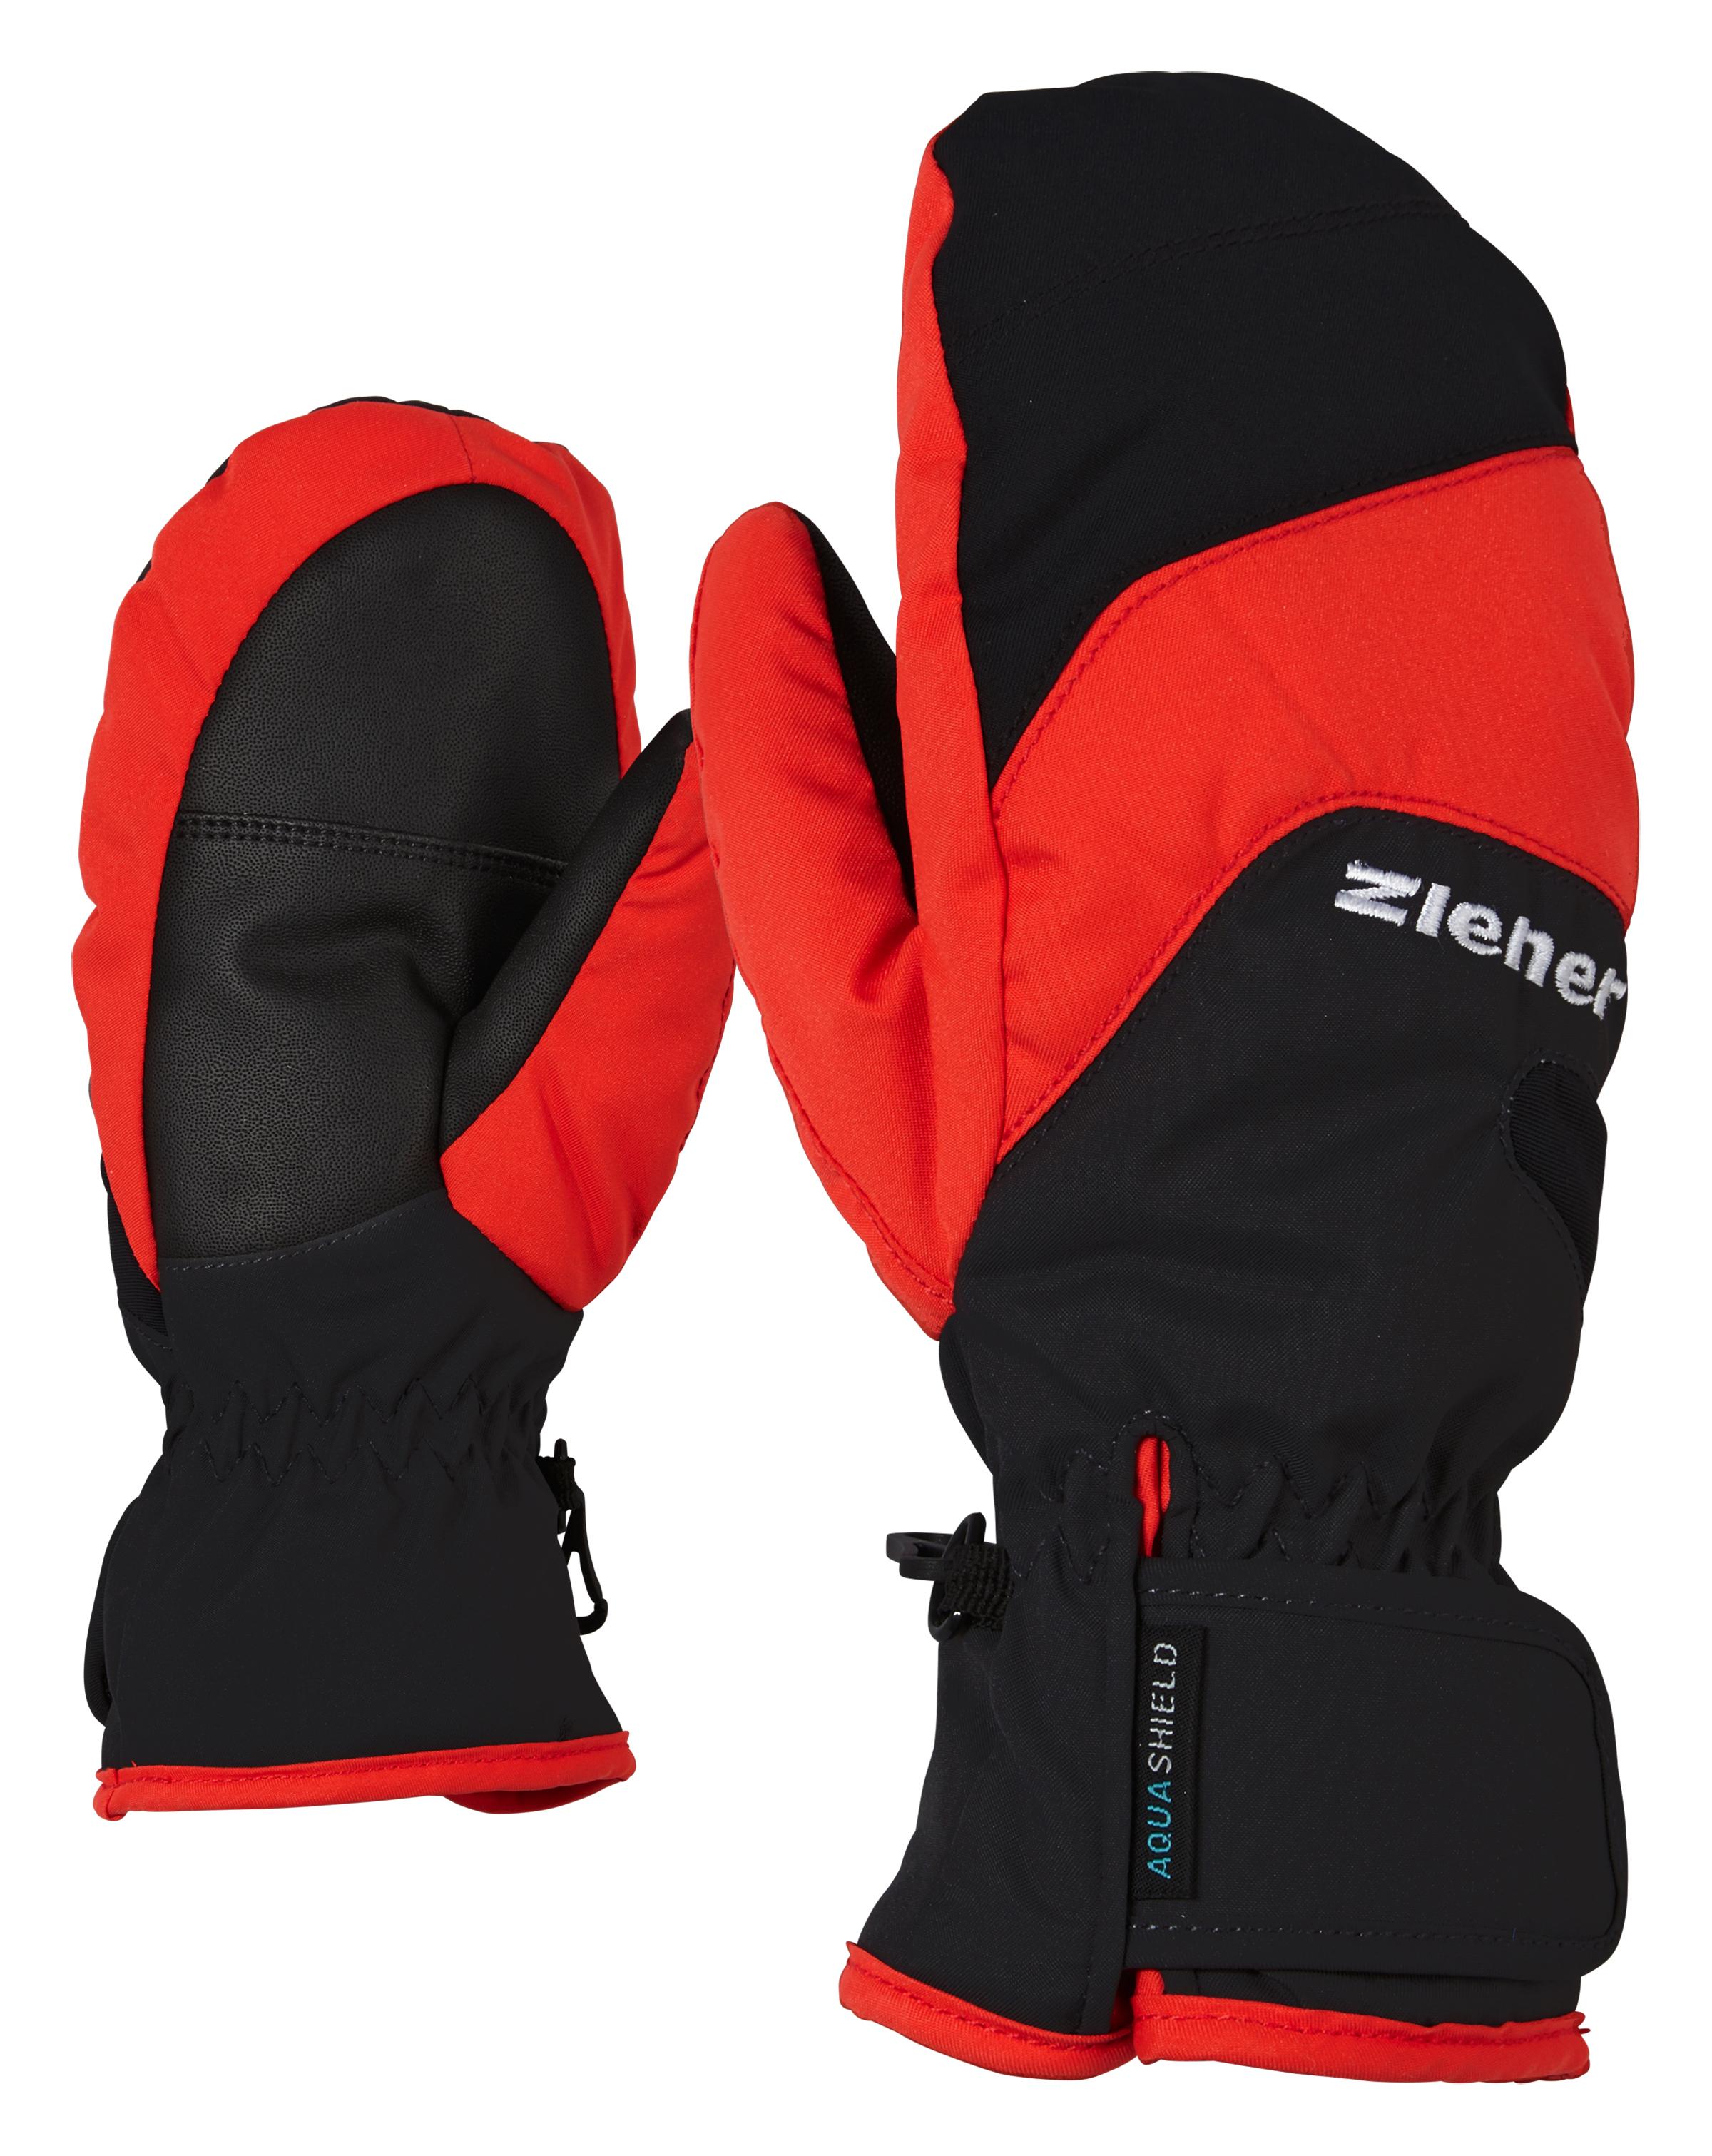 Ziener LIZZARDOLO AS® MITTEN JUNIOR, otroške smučarske rokavice, črna